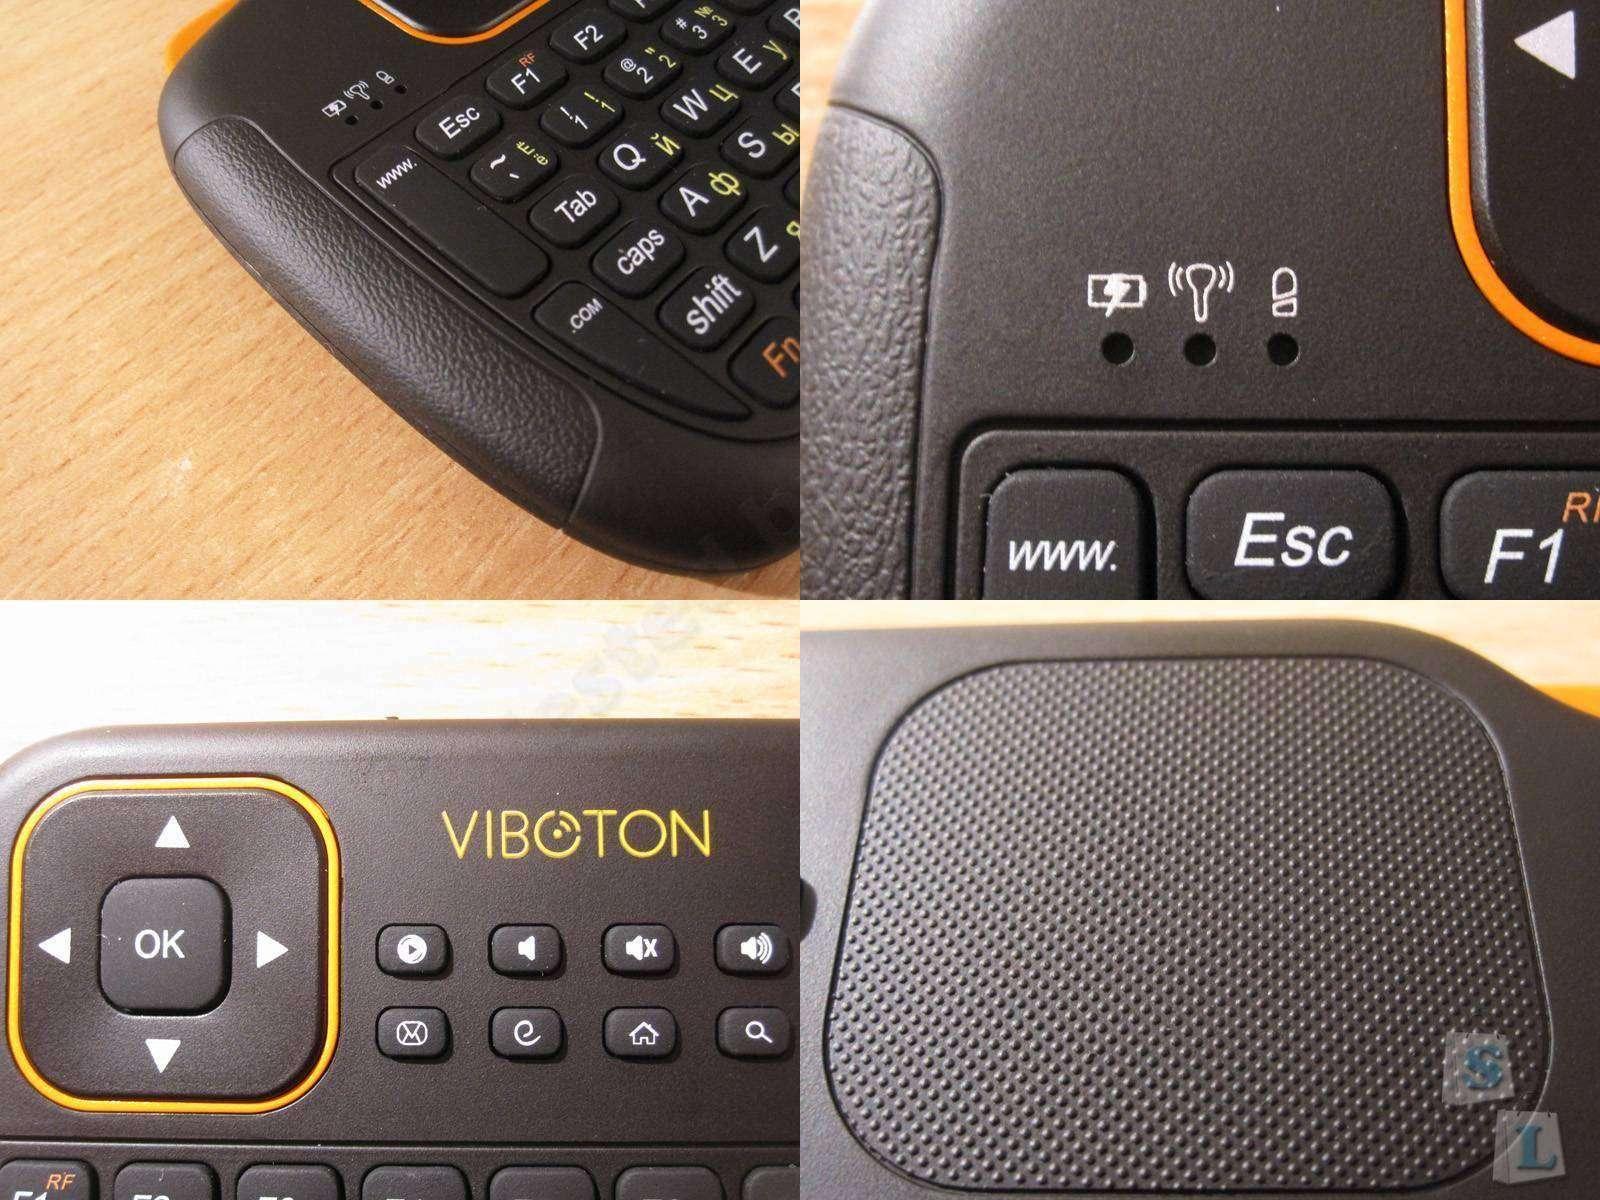 GearBest: Viboton S1, неплохая маленькая радио клавиатура, с русской раскладкой